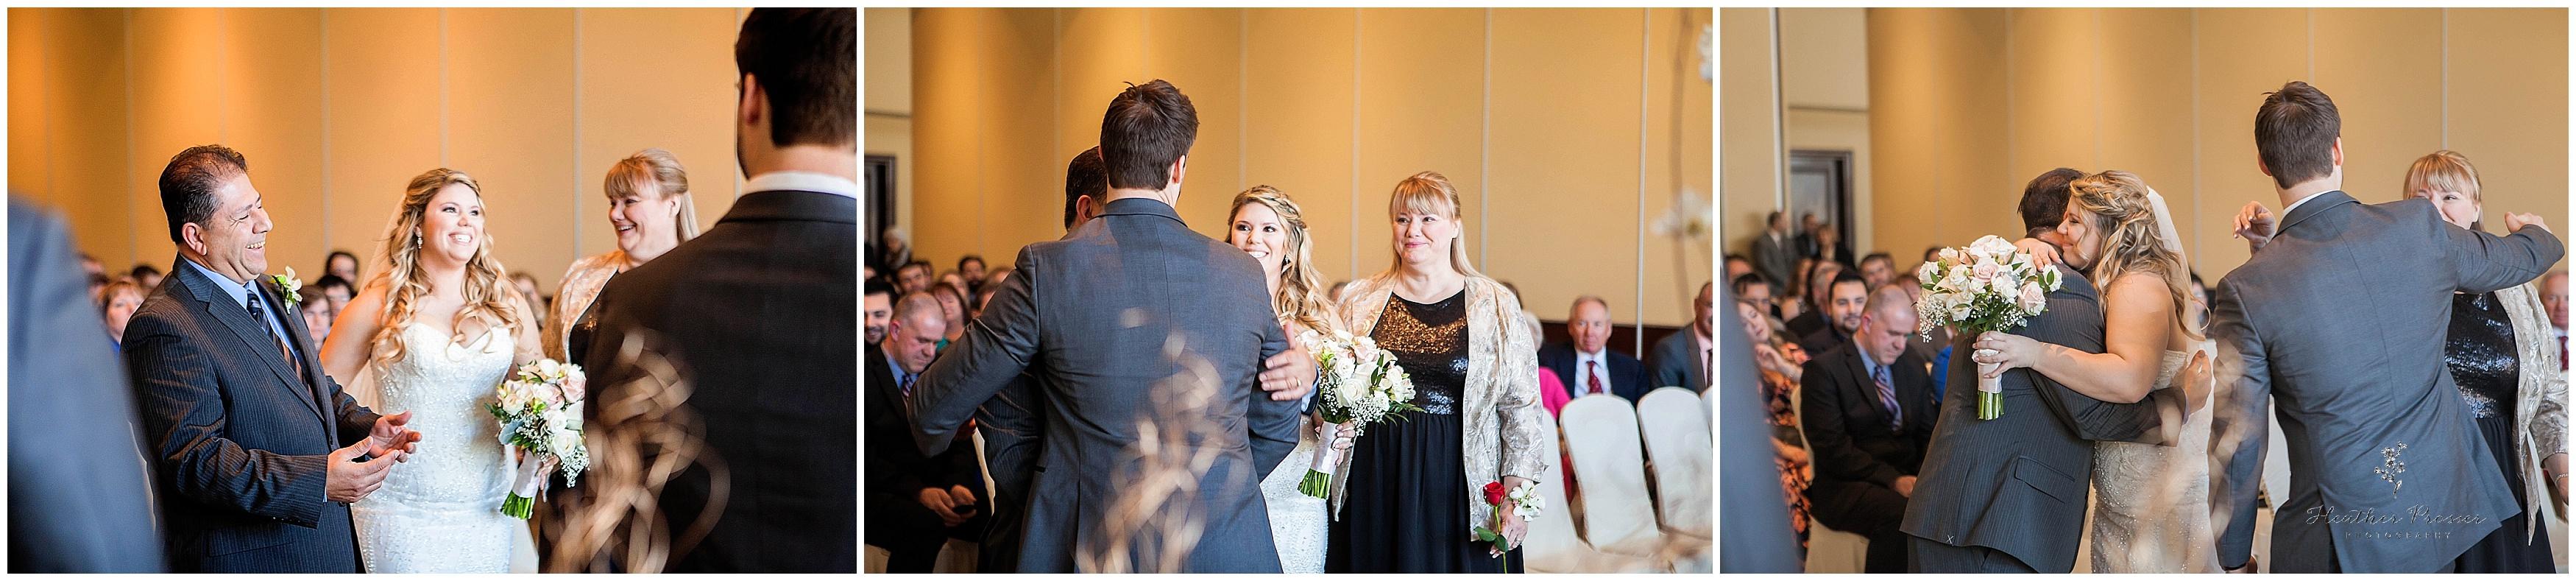 NestletonWatersInn-wedding_0112.jpg